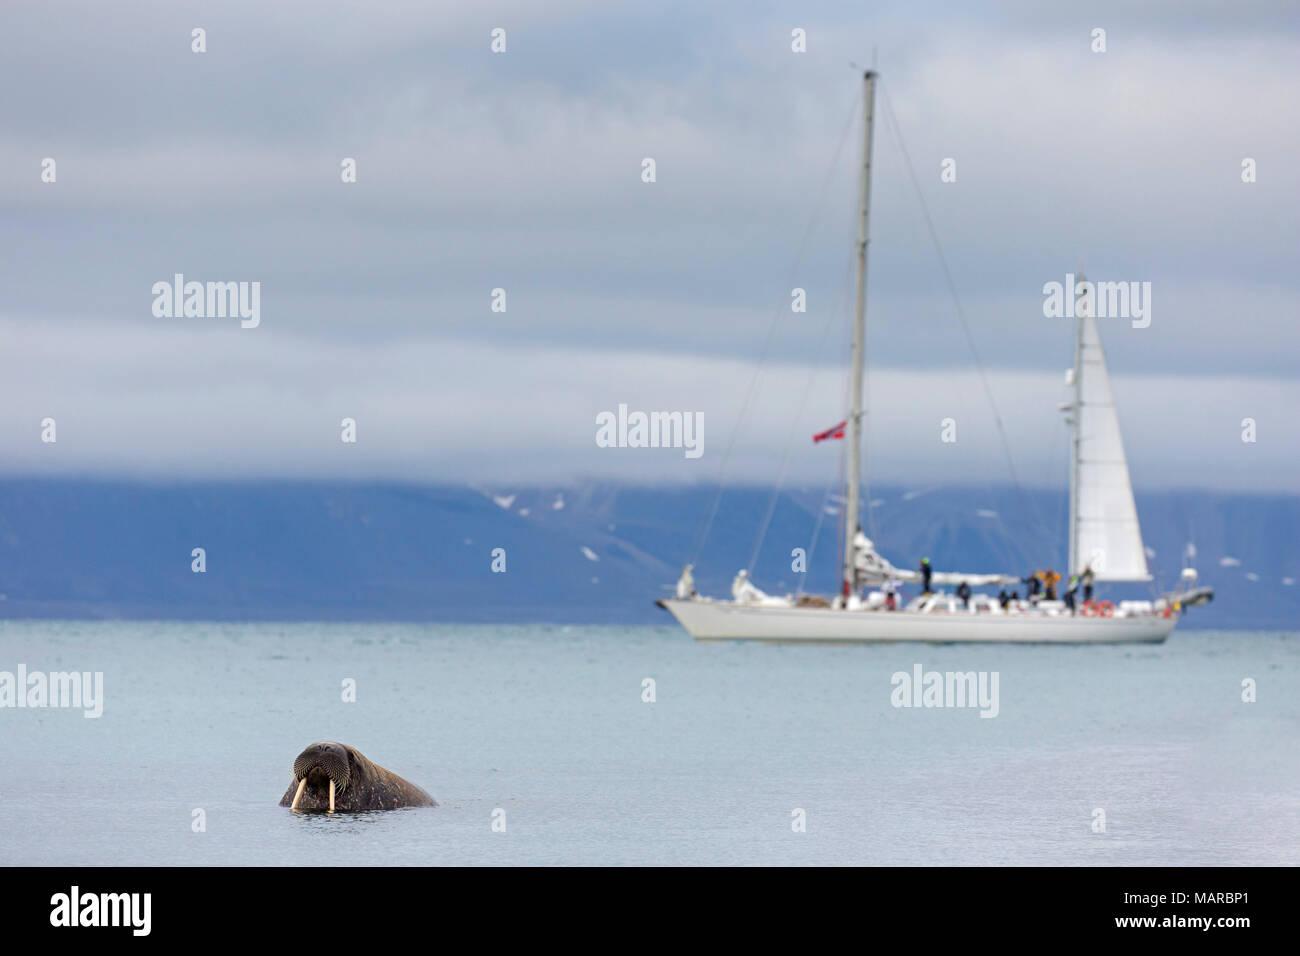 Atlantic Walrus (Odobenus rosmarus). Single individual in water with sailing boat in background. Svalbard, Norway - Stock Image